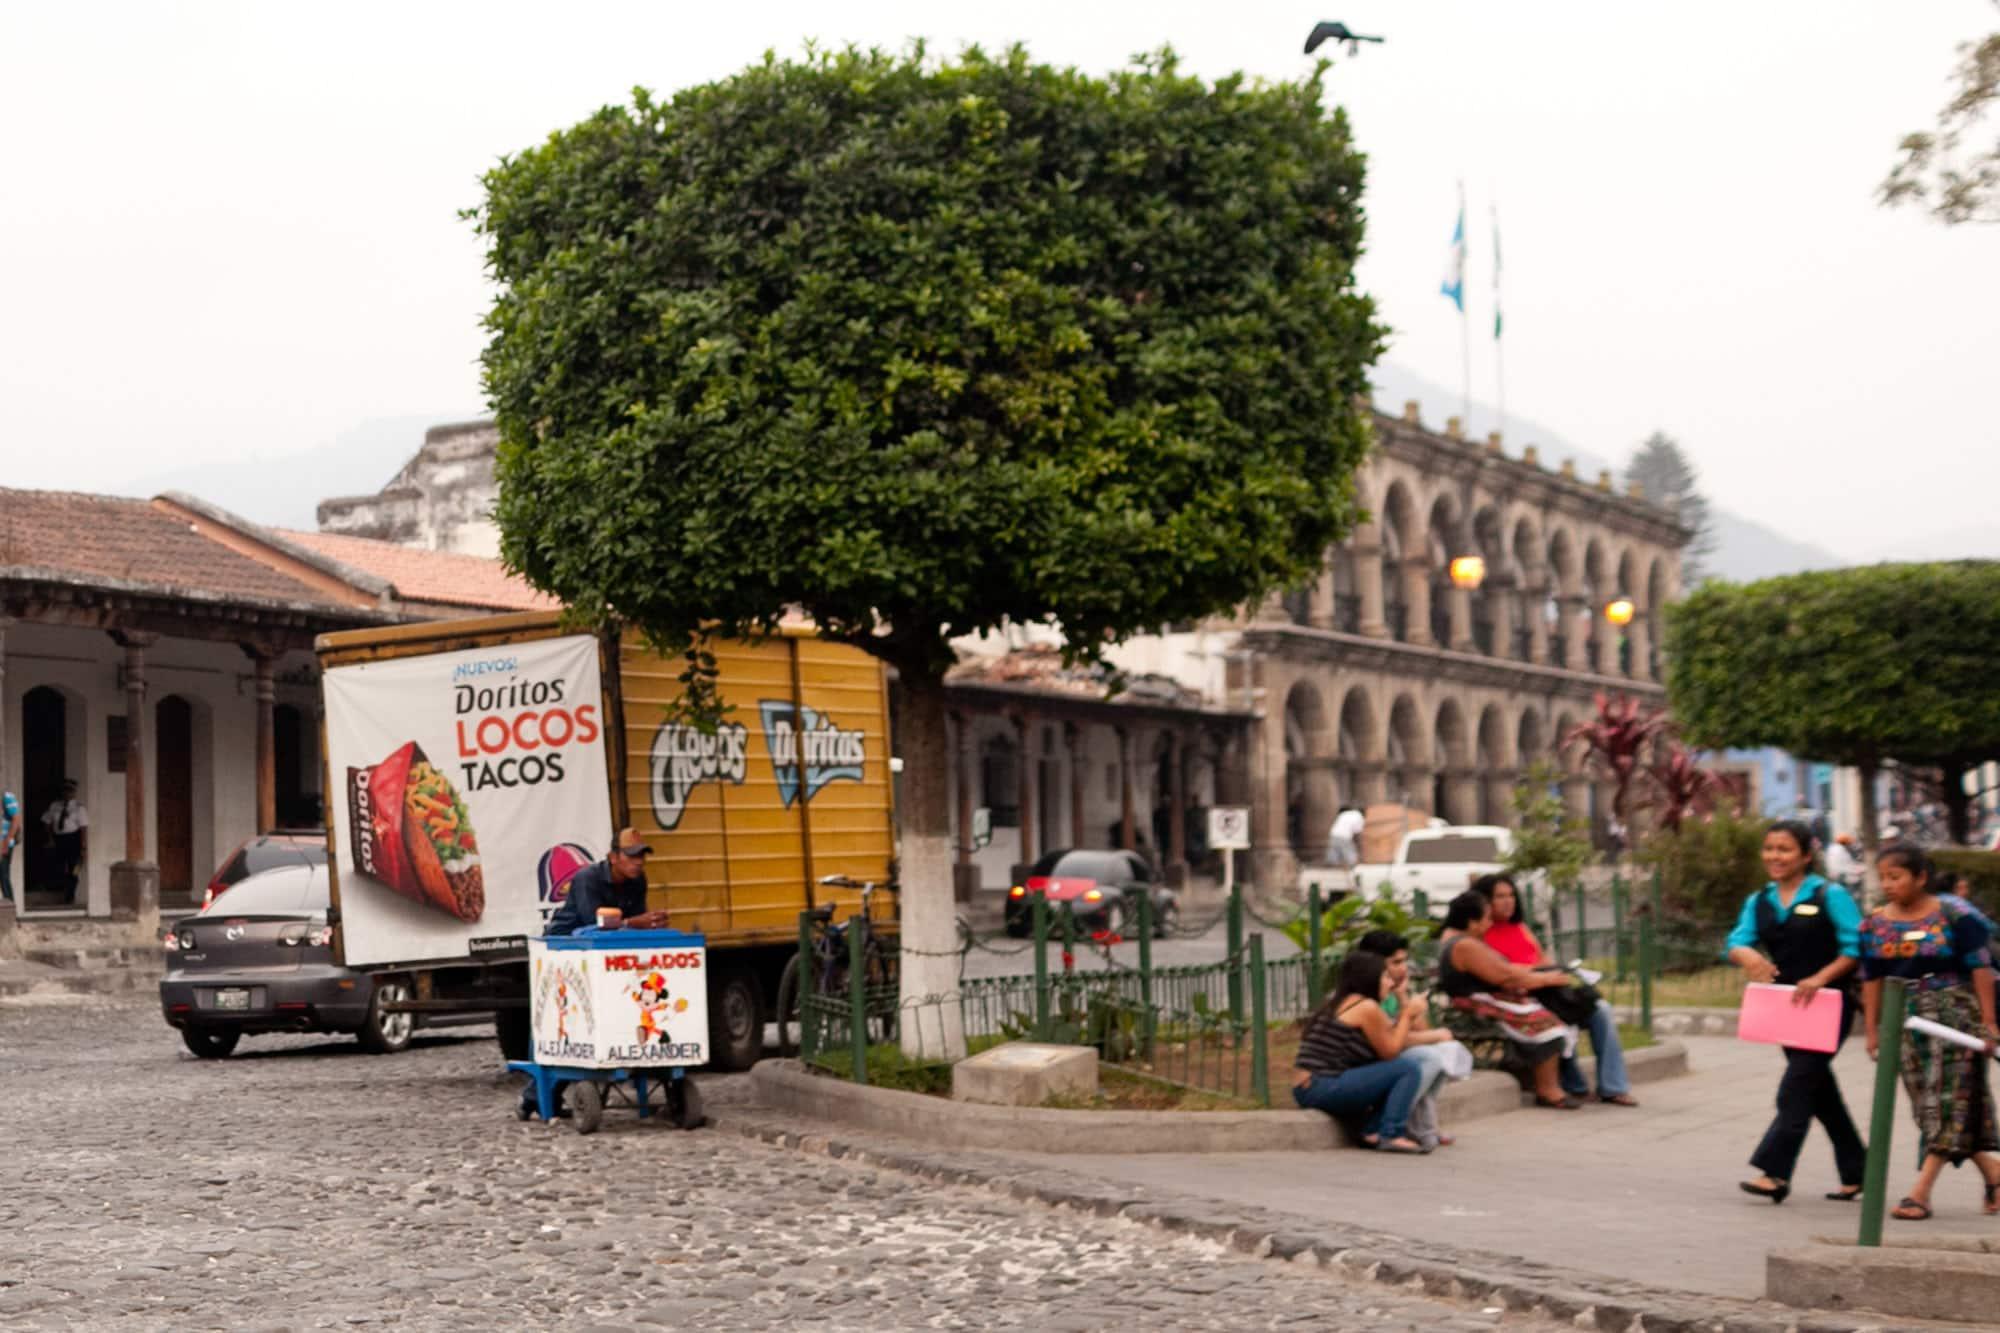 Doritos Locos Tacos in Antigua, Guatemala